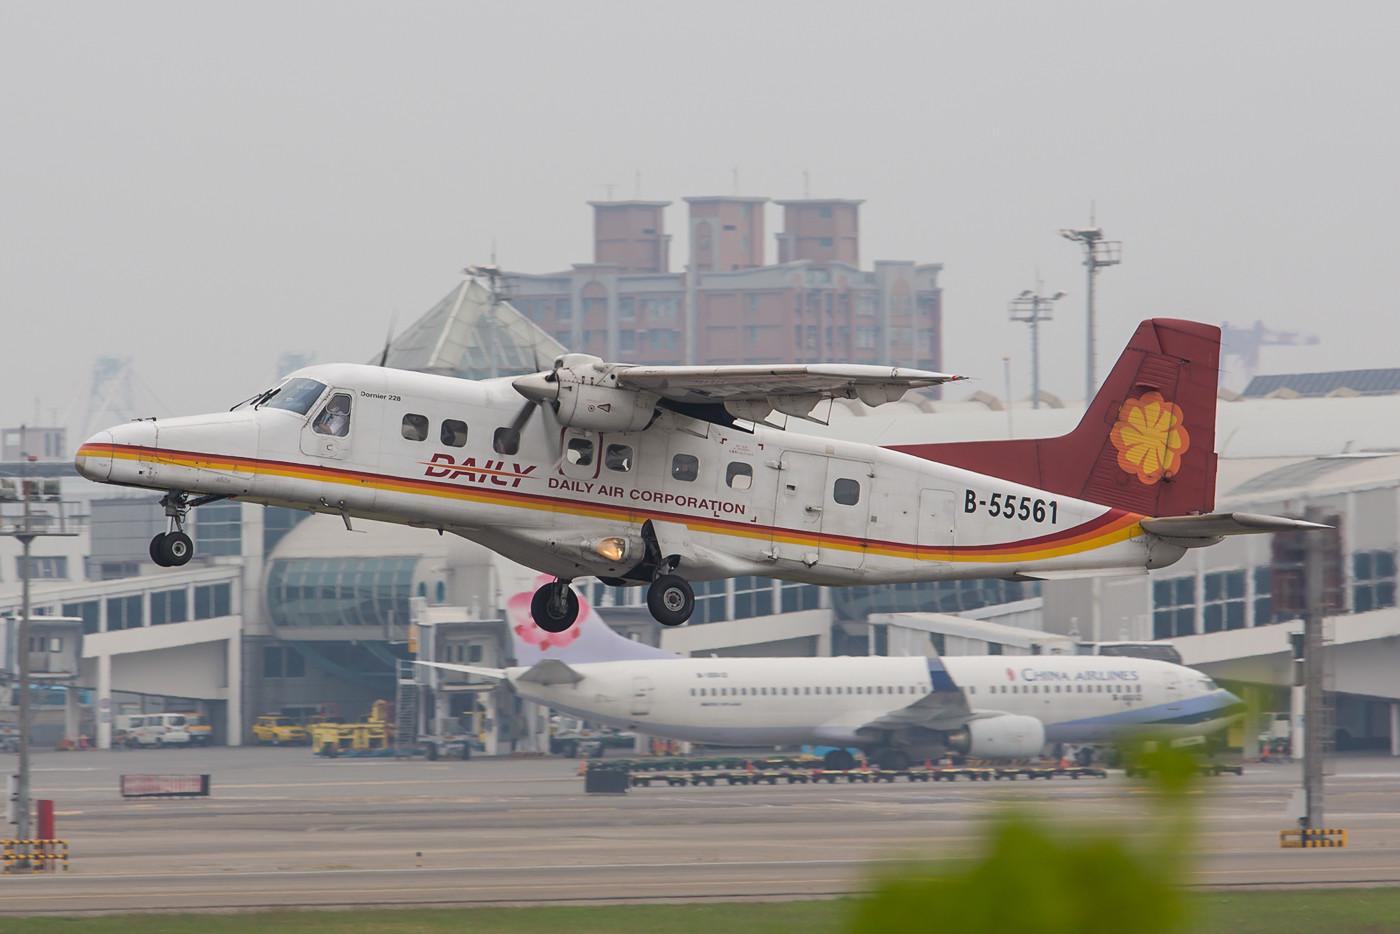 Die Daily Air fliegt mit ihren Do-228 u.a. von Kaohsiung zu den kleinen vorgelagerten Inseln.